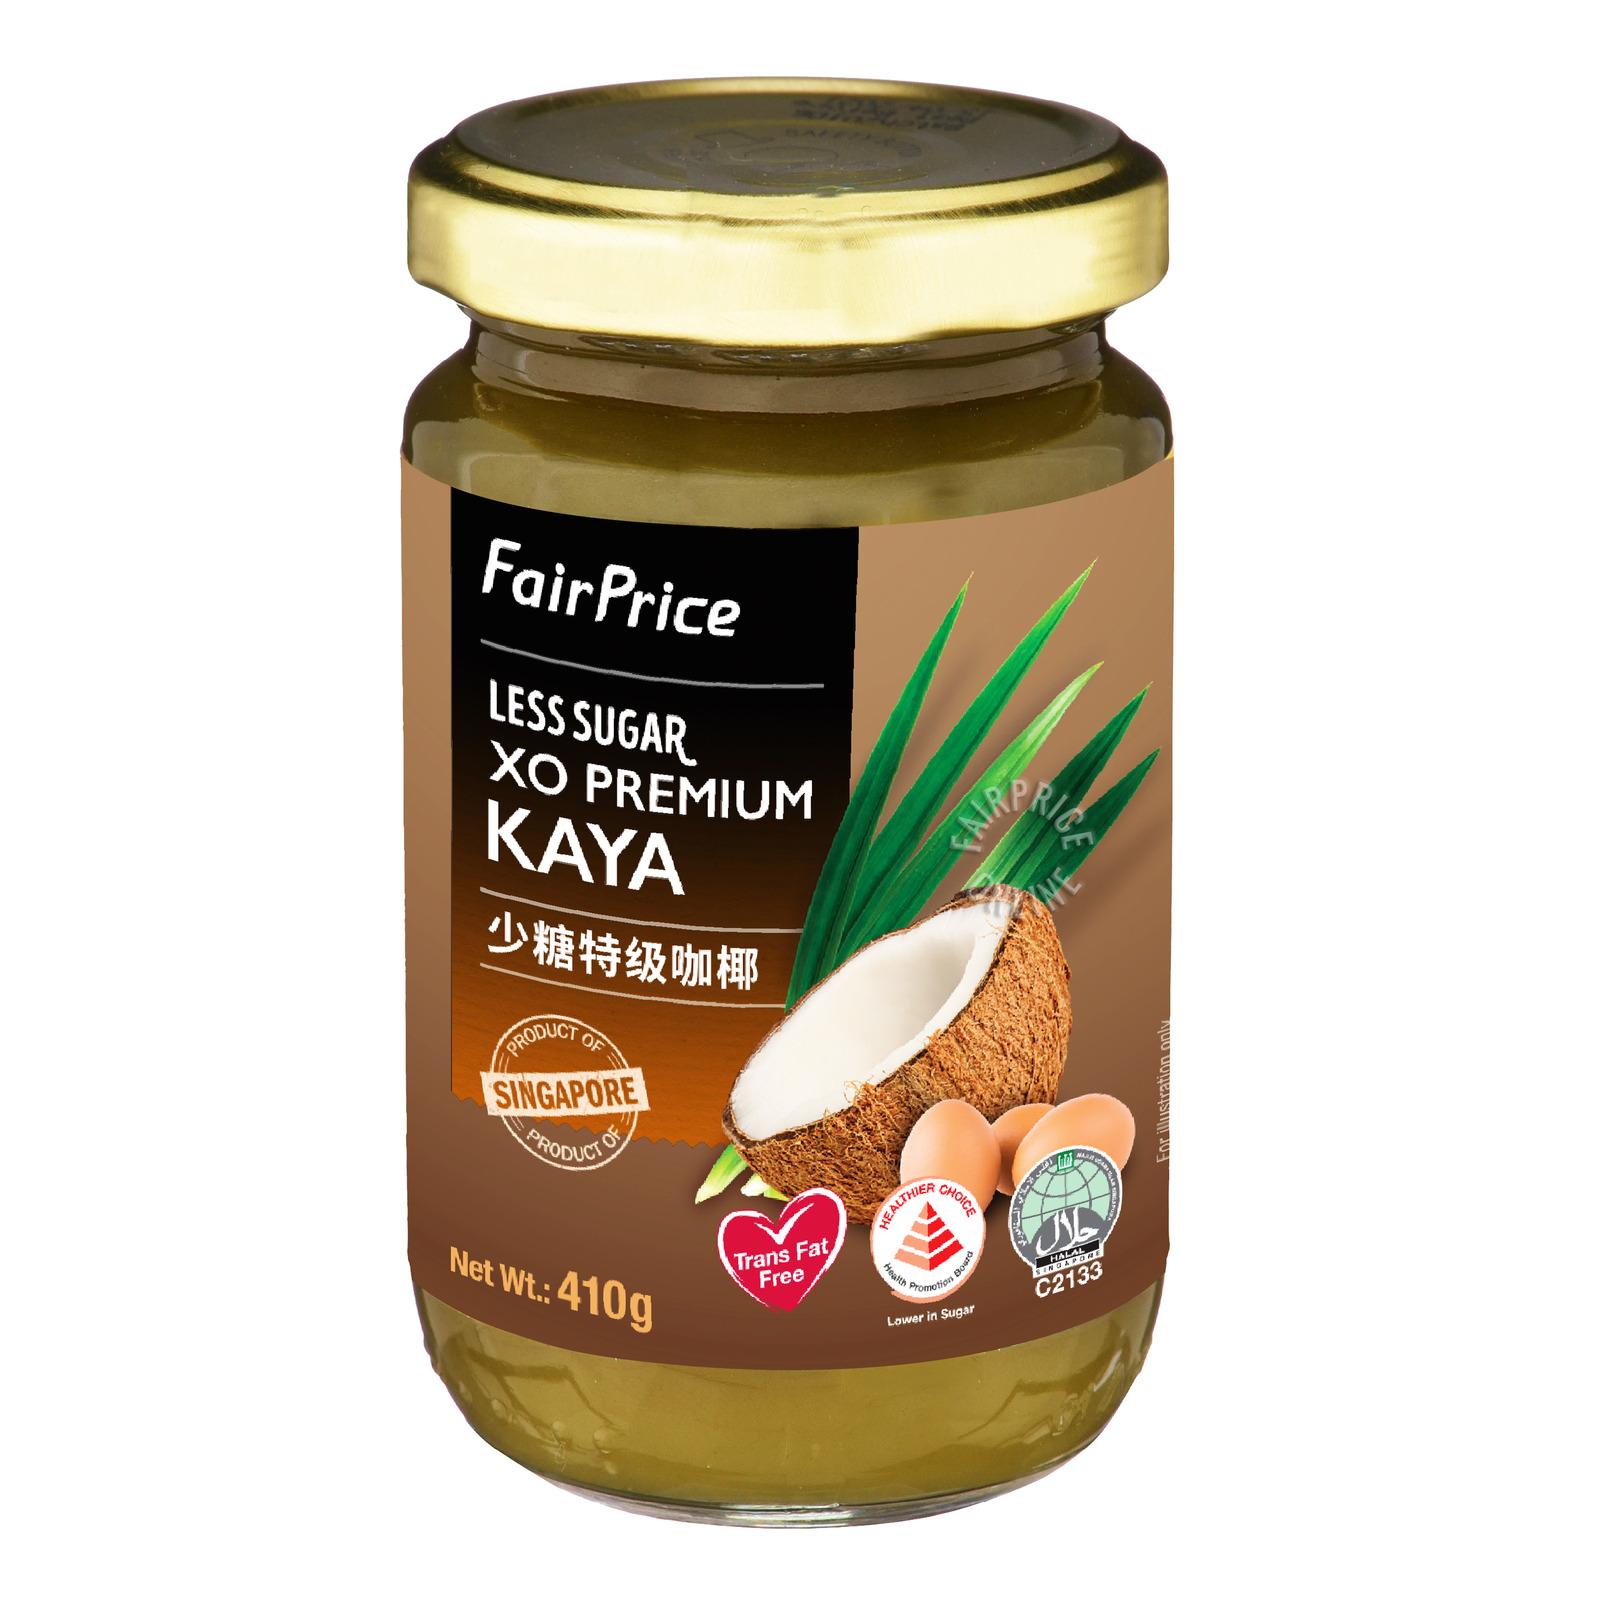 FairPrice XO Premium Kaya (Less Sugar)